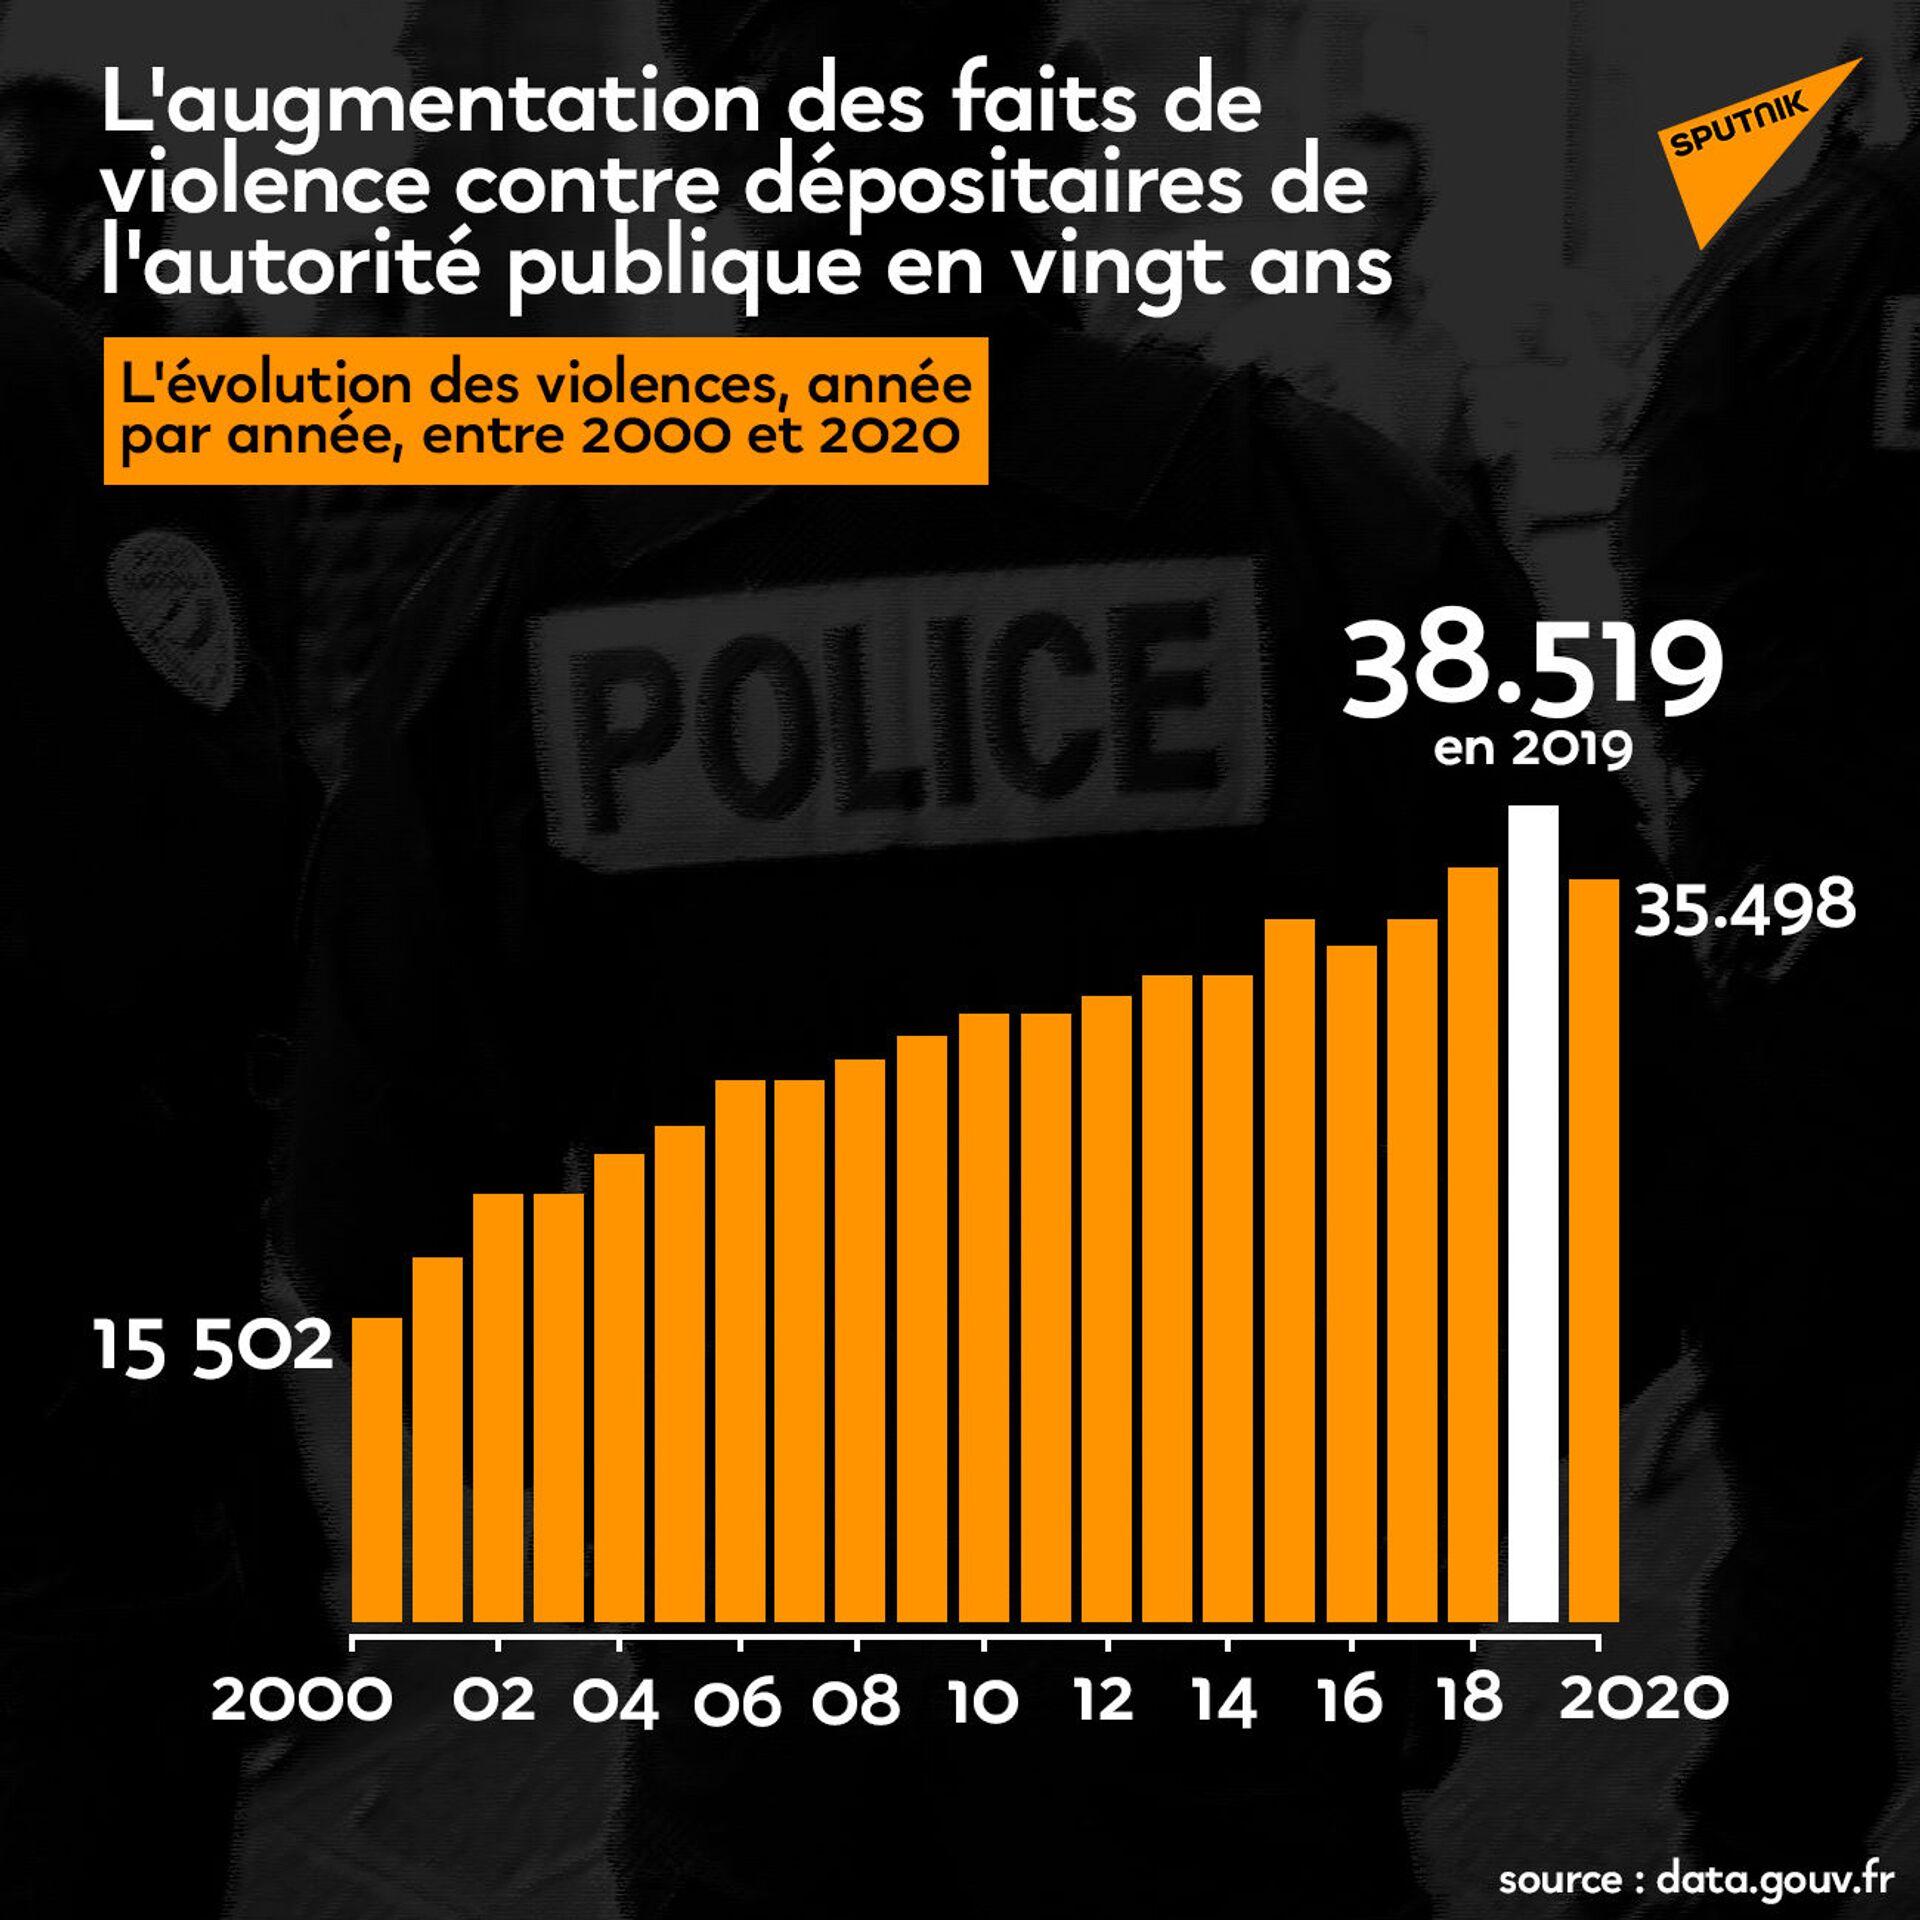 Émeutes urbaines: «Le gouvernement n'a ni les moyens ni l'intérêt d'aller à l'affrontement», selon Me de Montbrial - Sputnik France, 1920, 08.03.2021